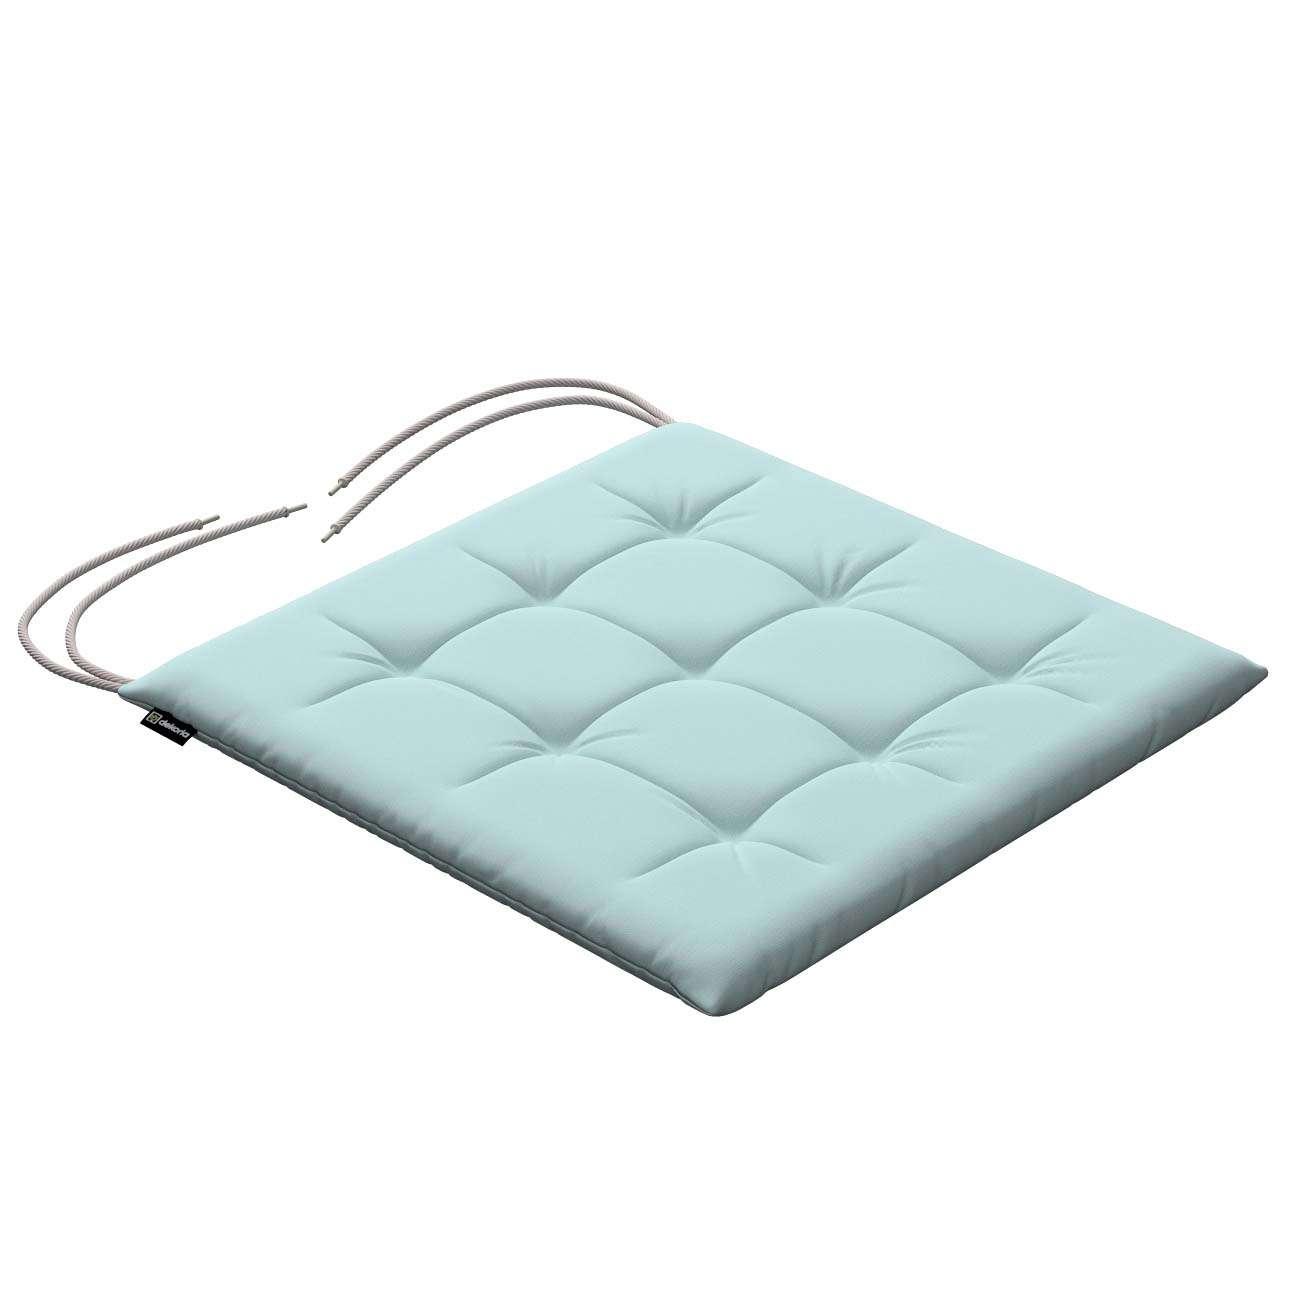 Stuhlkissen Ulrich mit Bindeschnur, hellblau, 40 × 40 × 3,5 cm, Cotton Panama | Heimtextilien > Decken und Kissen > Kissen | Dekoria